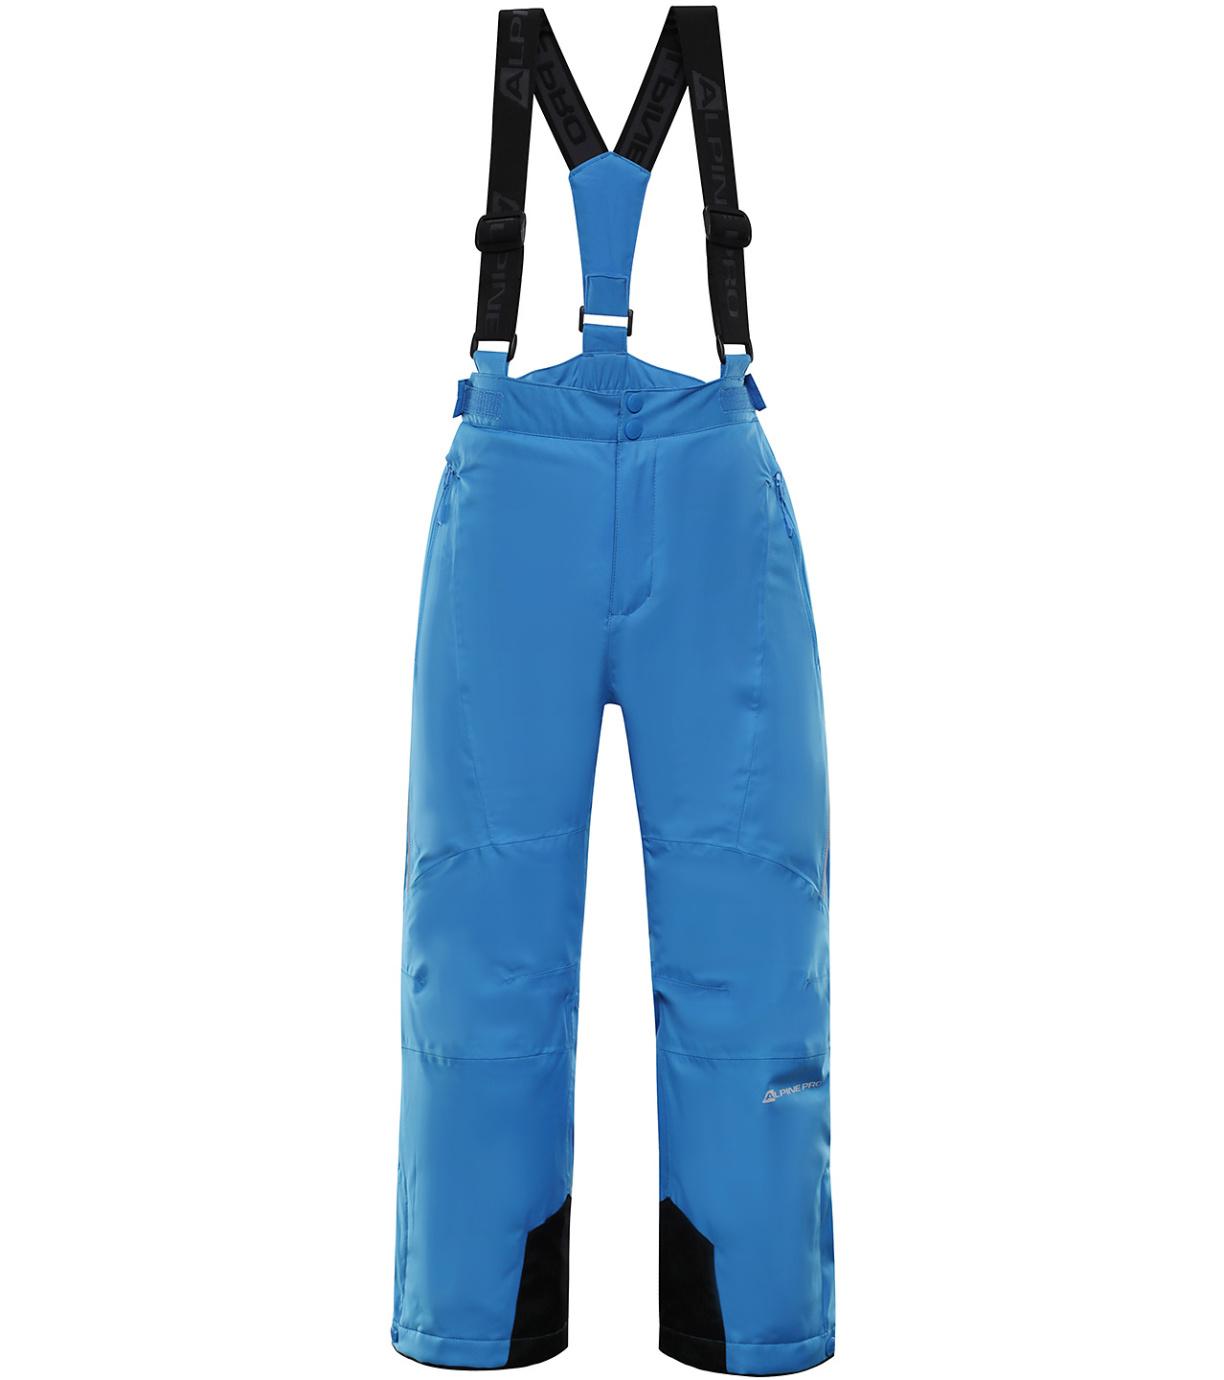 ALPINE PRO ANIKO 3 Dětské lyžařské kalhoty KPAP168674 Blue aster 128-134